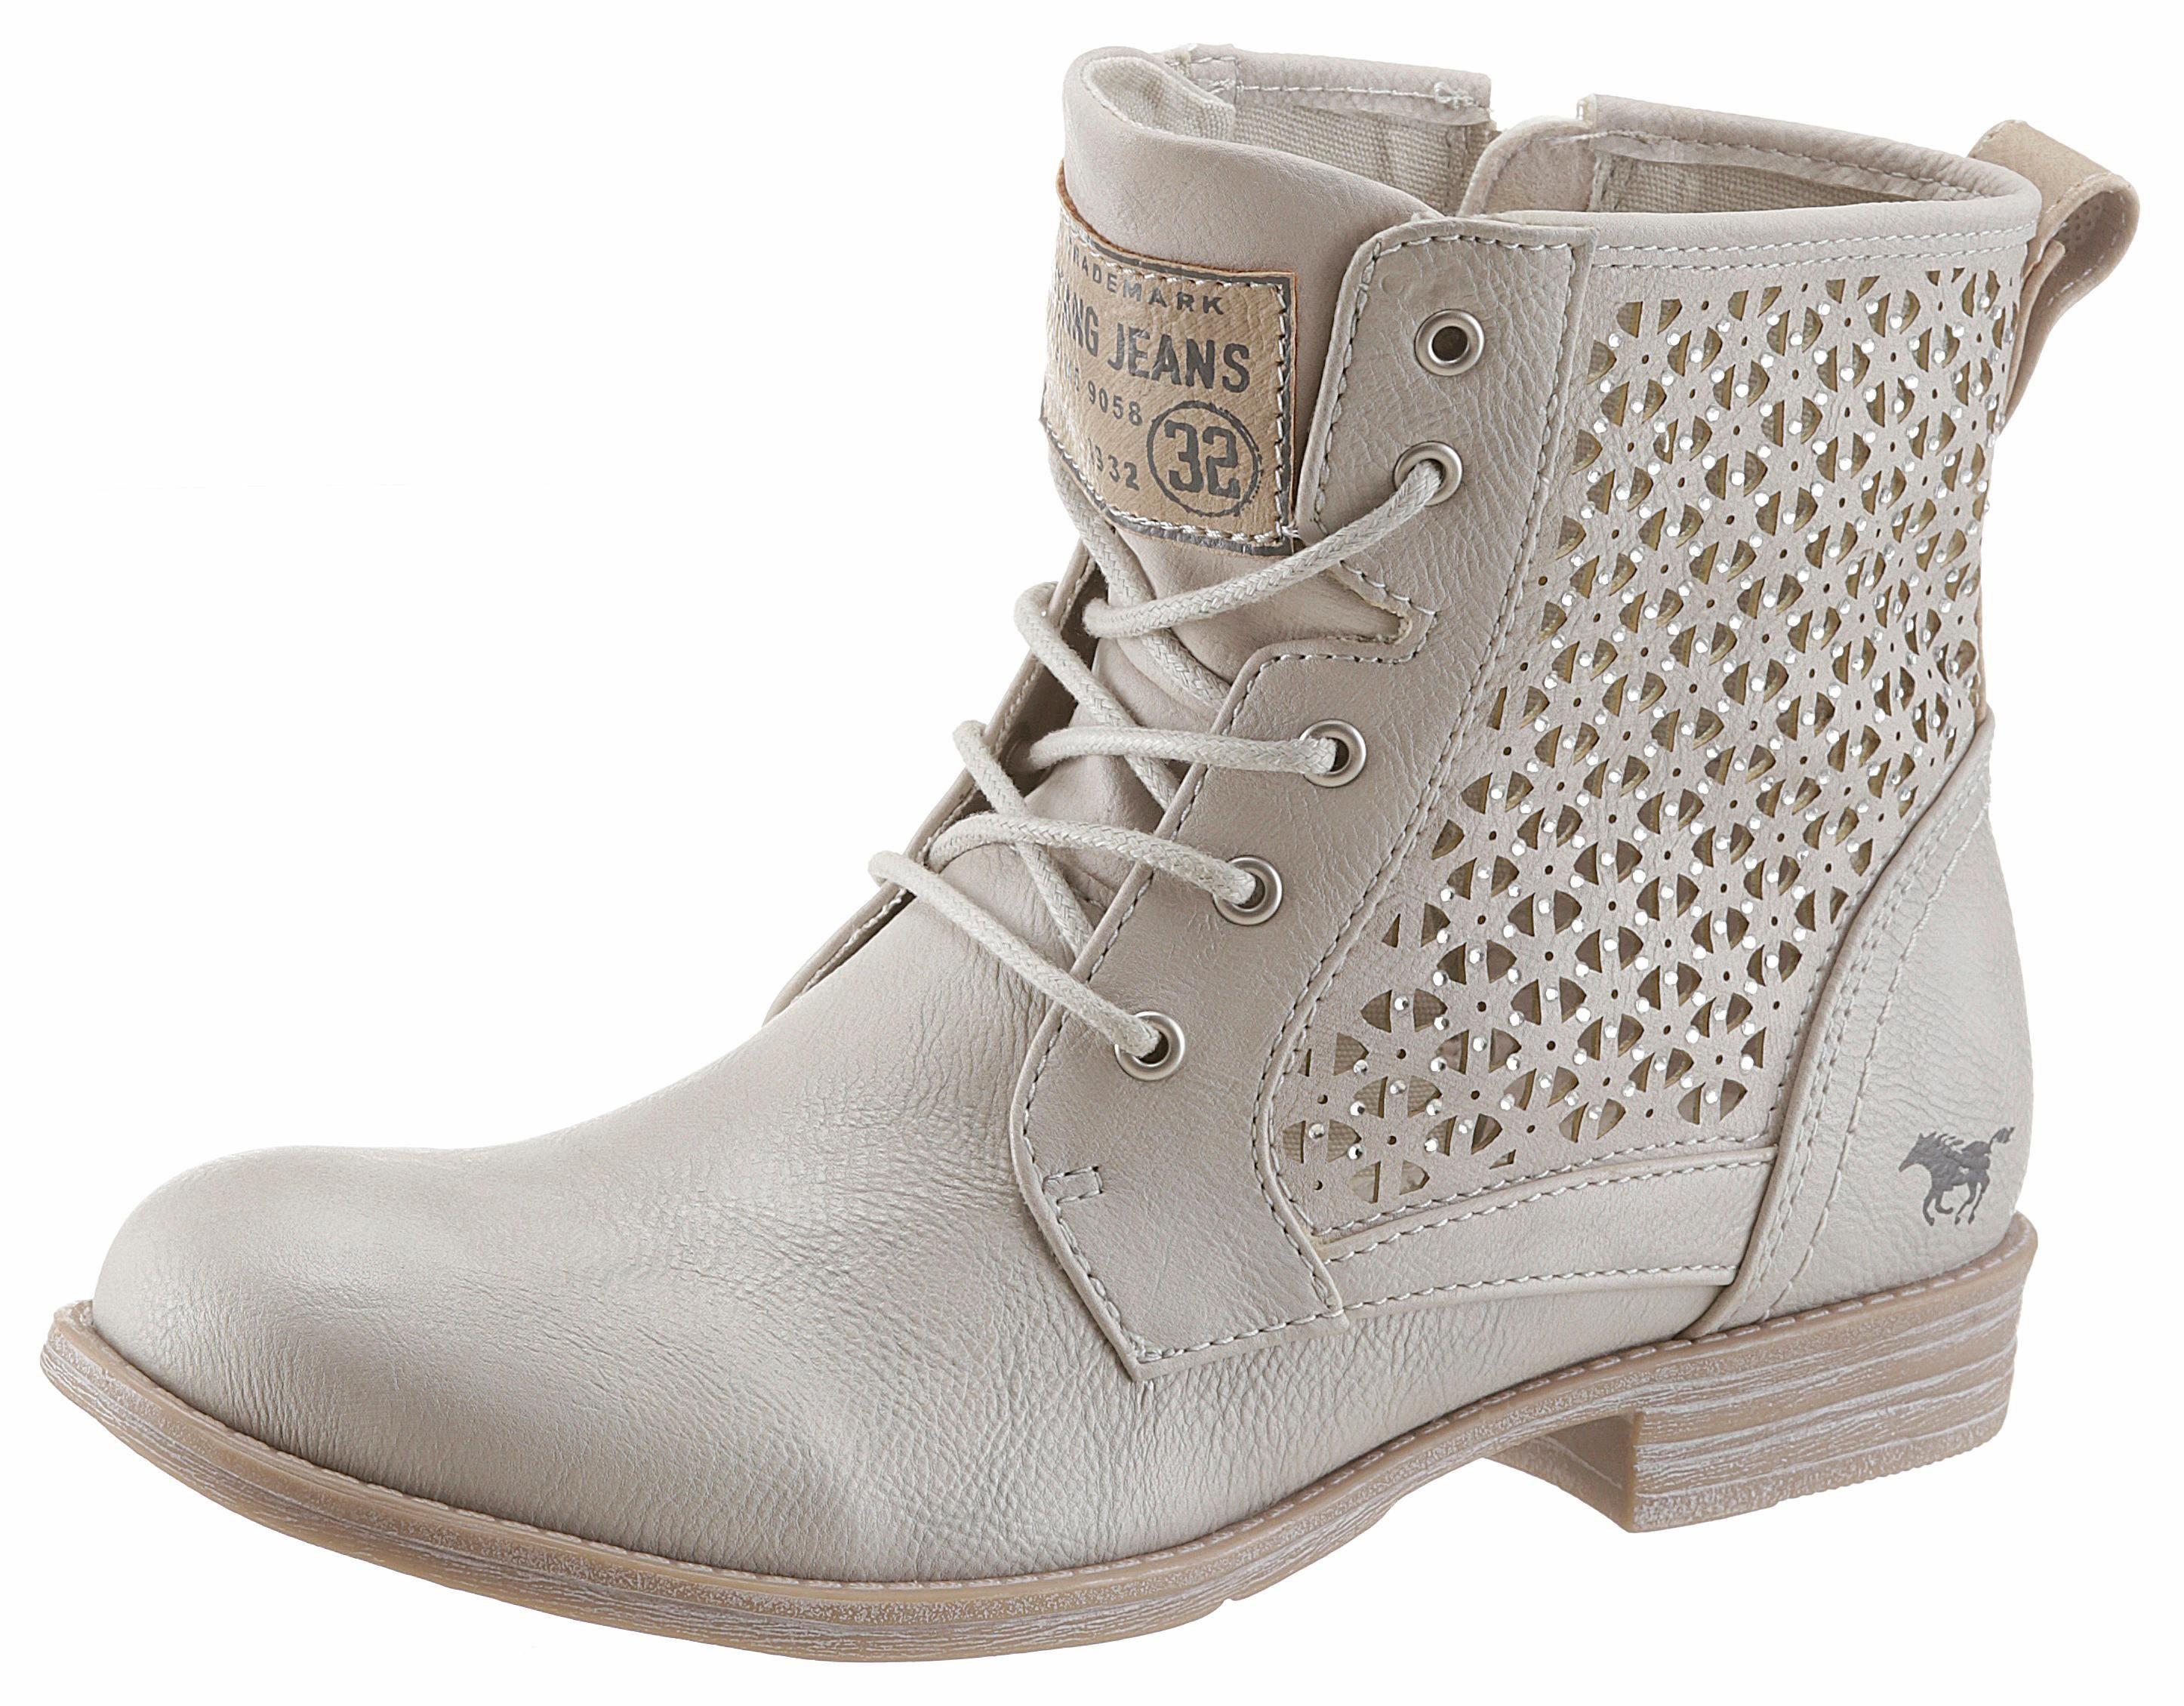 Mustang Shoes Schnürstiefelette, mit Lasercut und Strass-Steinchen online kaufen  ice